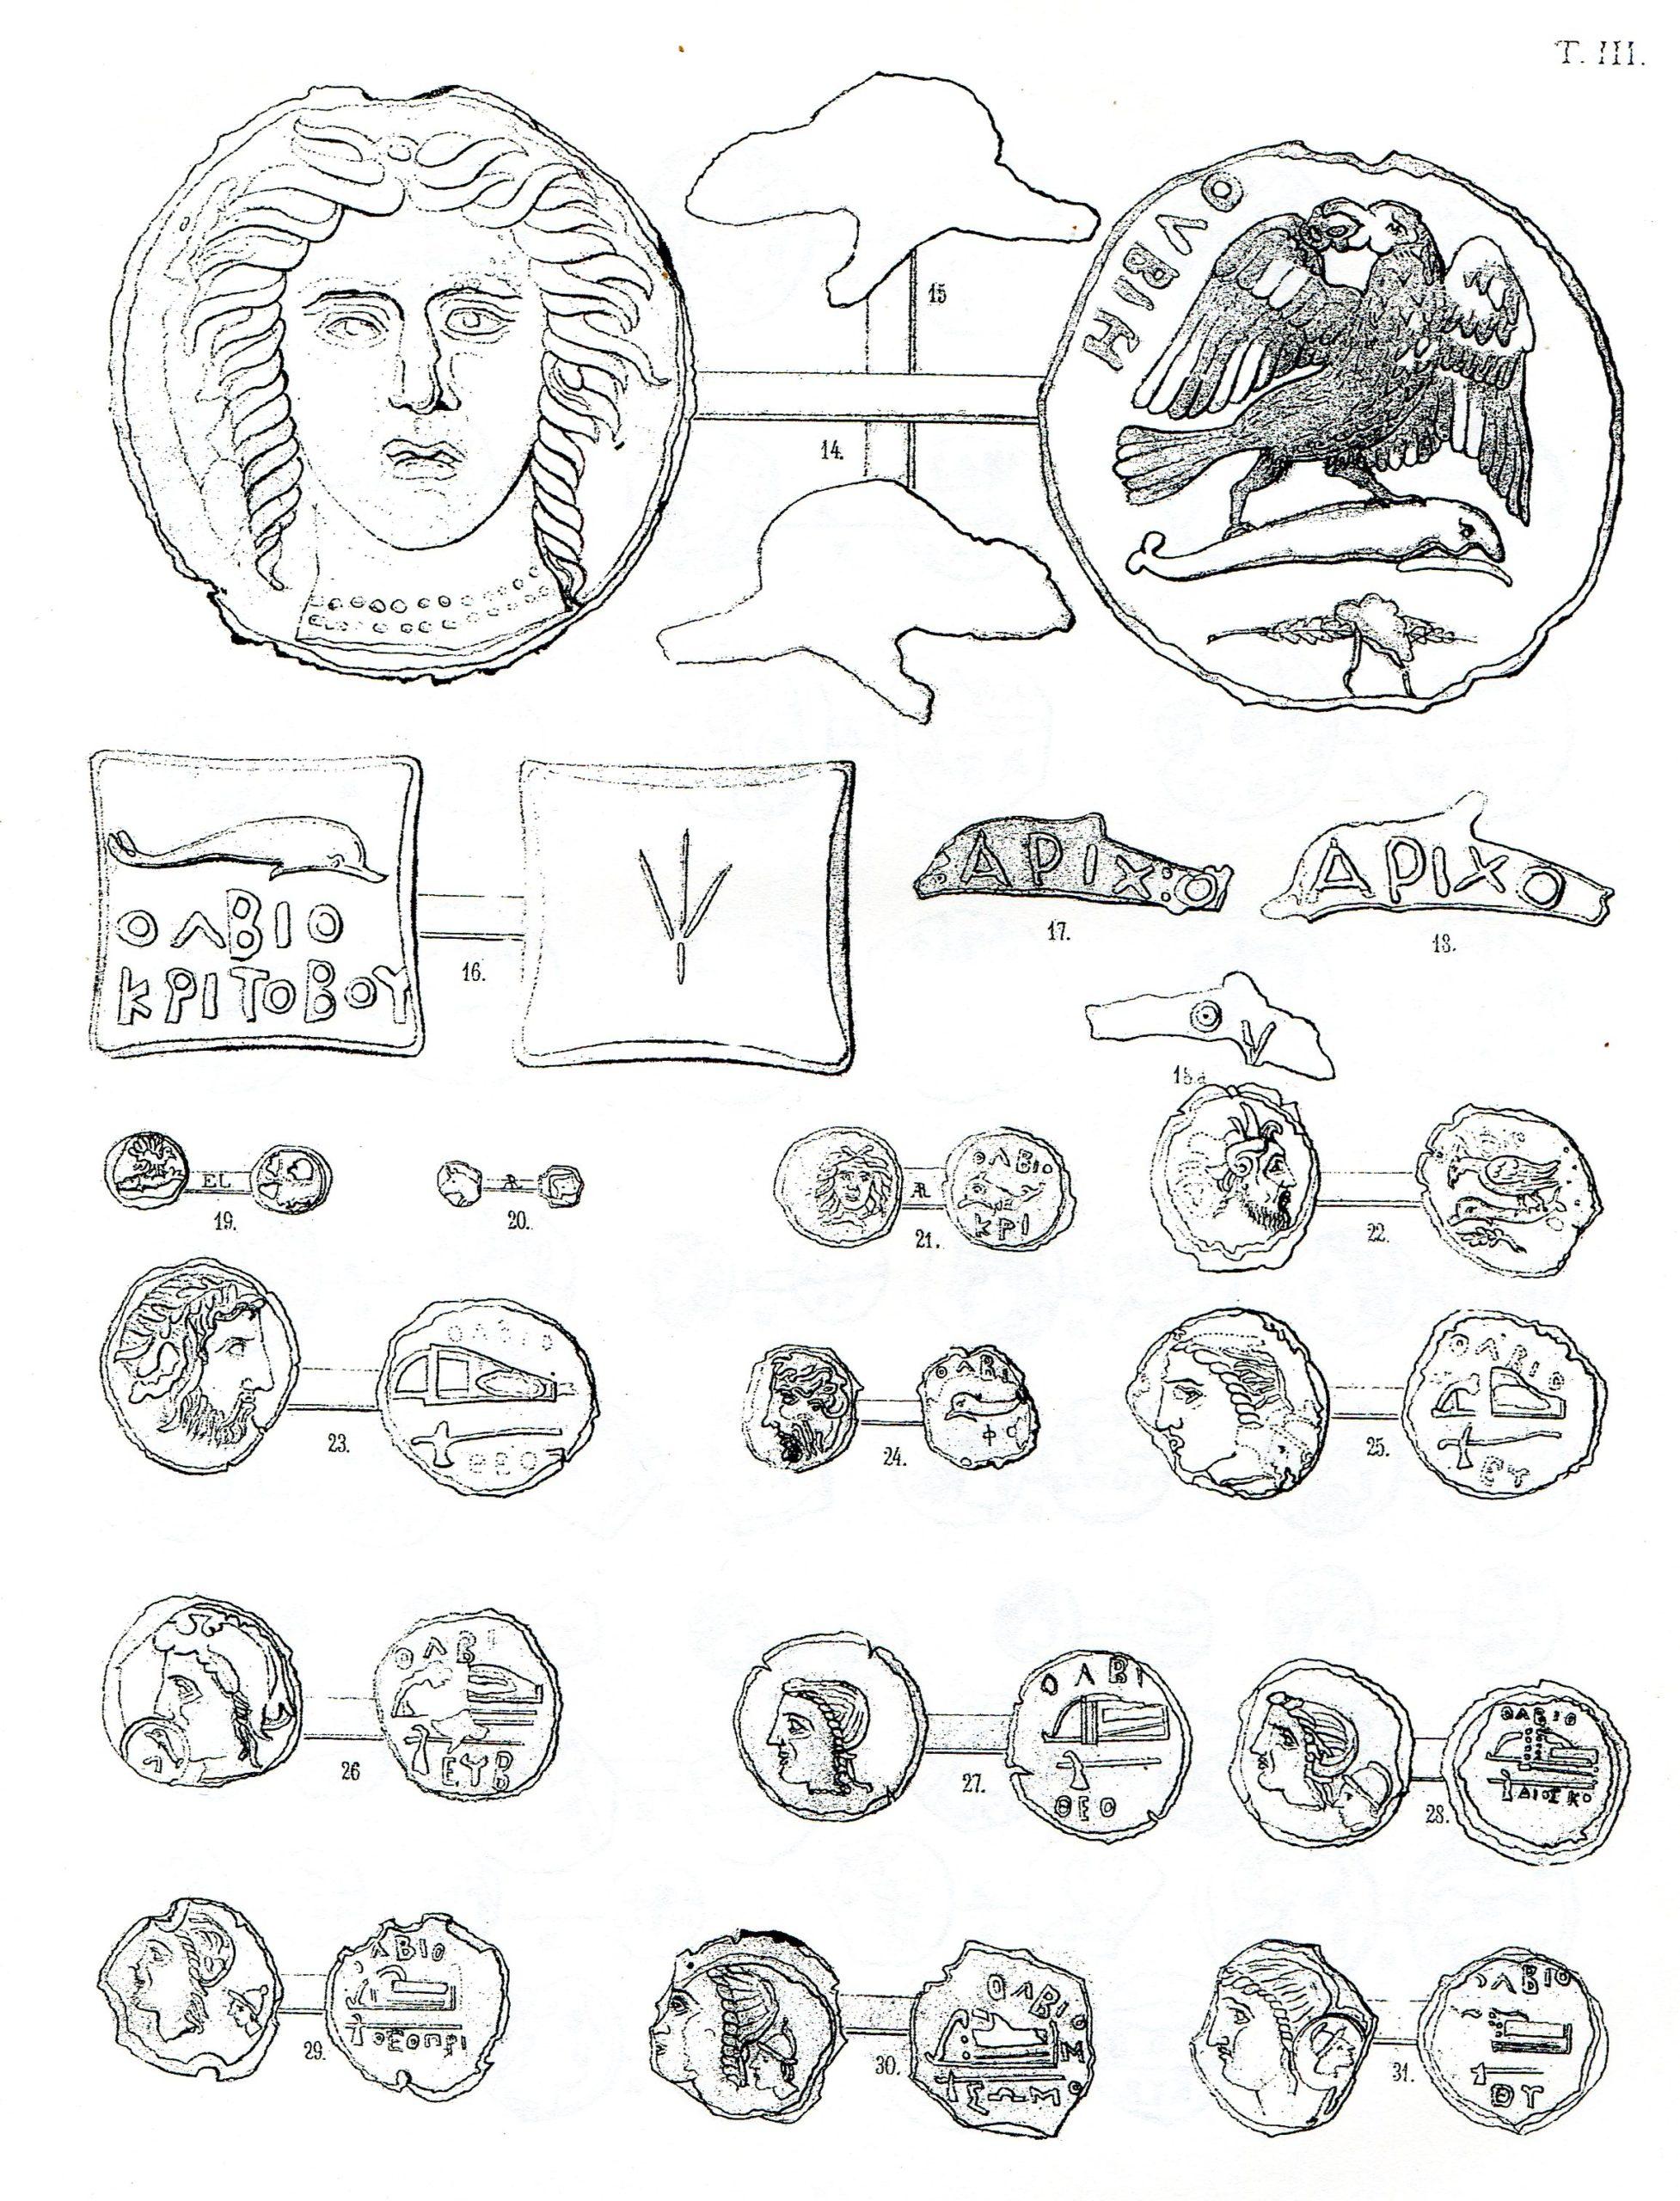 Таблица II из книги П.О. Бурачкова «Общий каталог монет, принадлежащих эллинским колониям, существовавшим в древности на северном берегу Черного моря, в пределах нынешней Южной России», Одесса 1884 г.